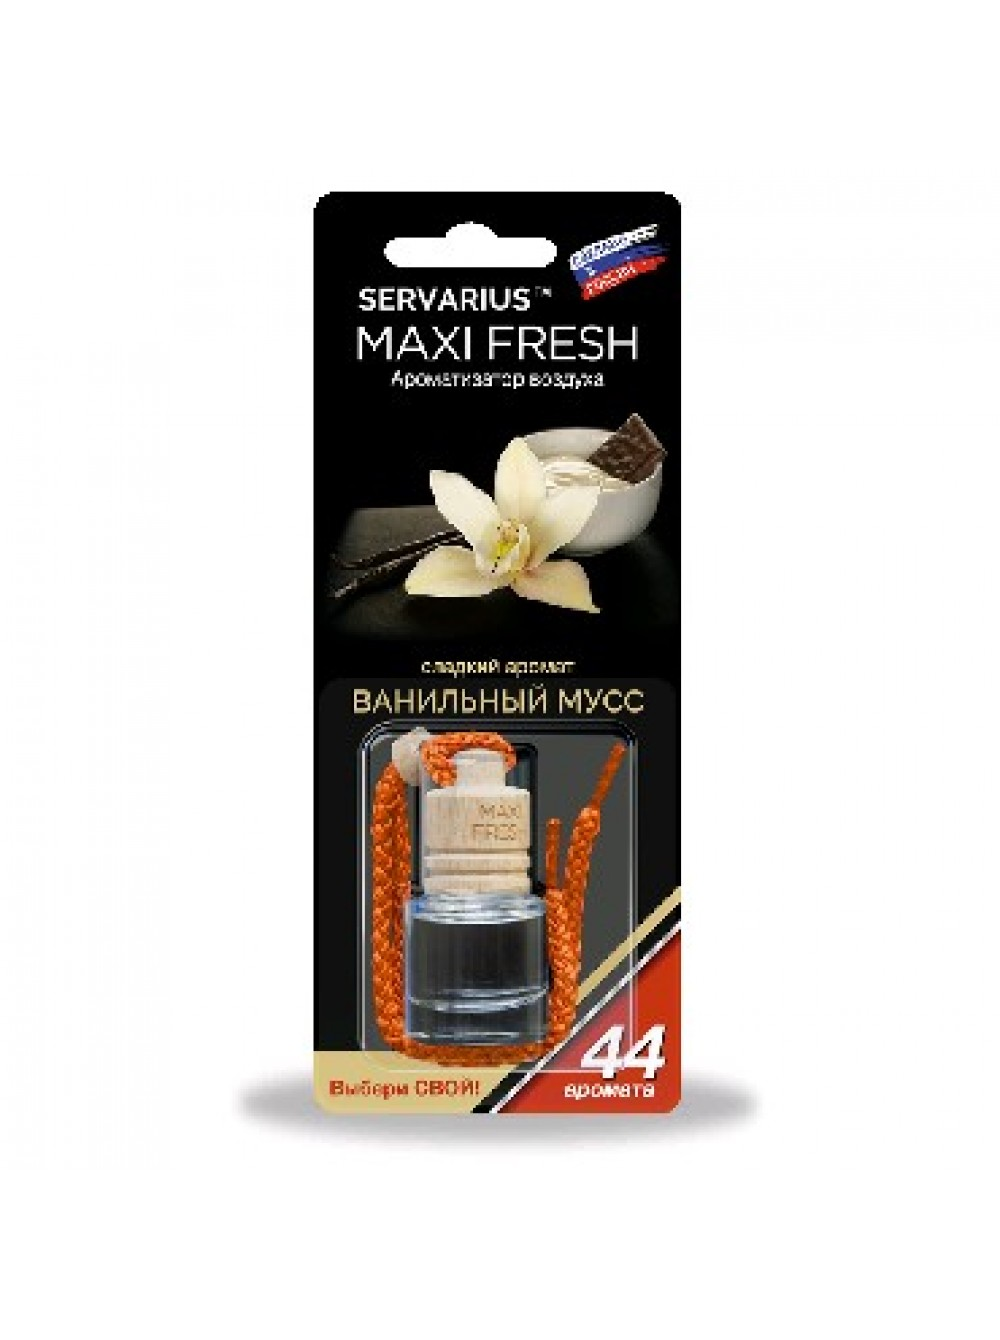 Автомобильный ароматизатор MAXI FRESH 964-HMF-36 ароматизатор воздуха автомобильный maxi fresh цитрус и манго под сиденье 100 г